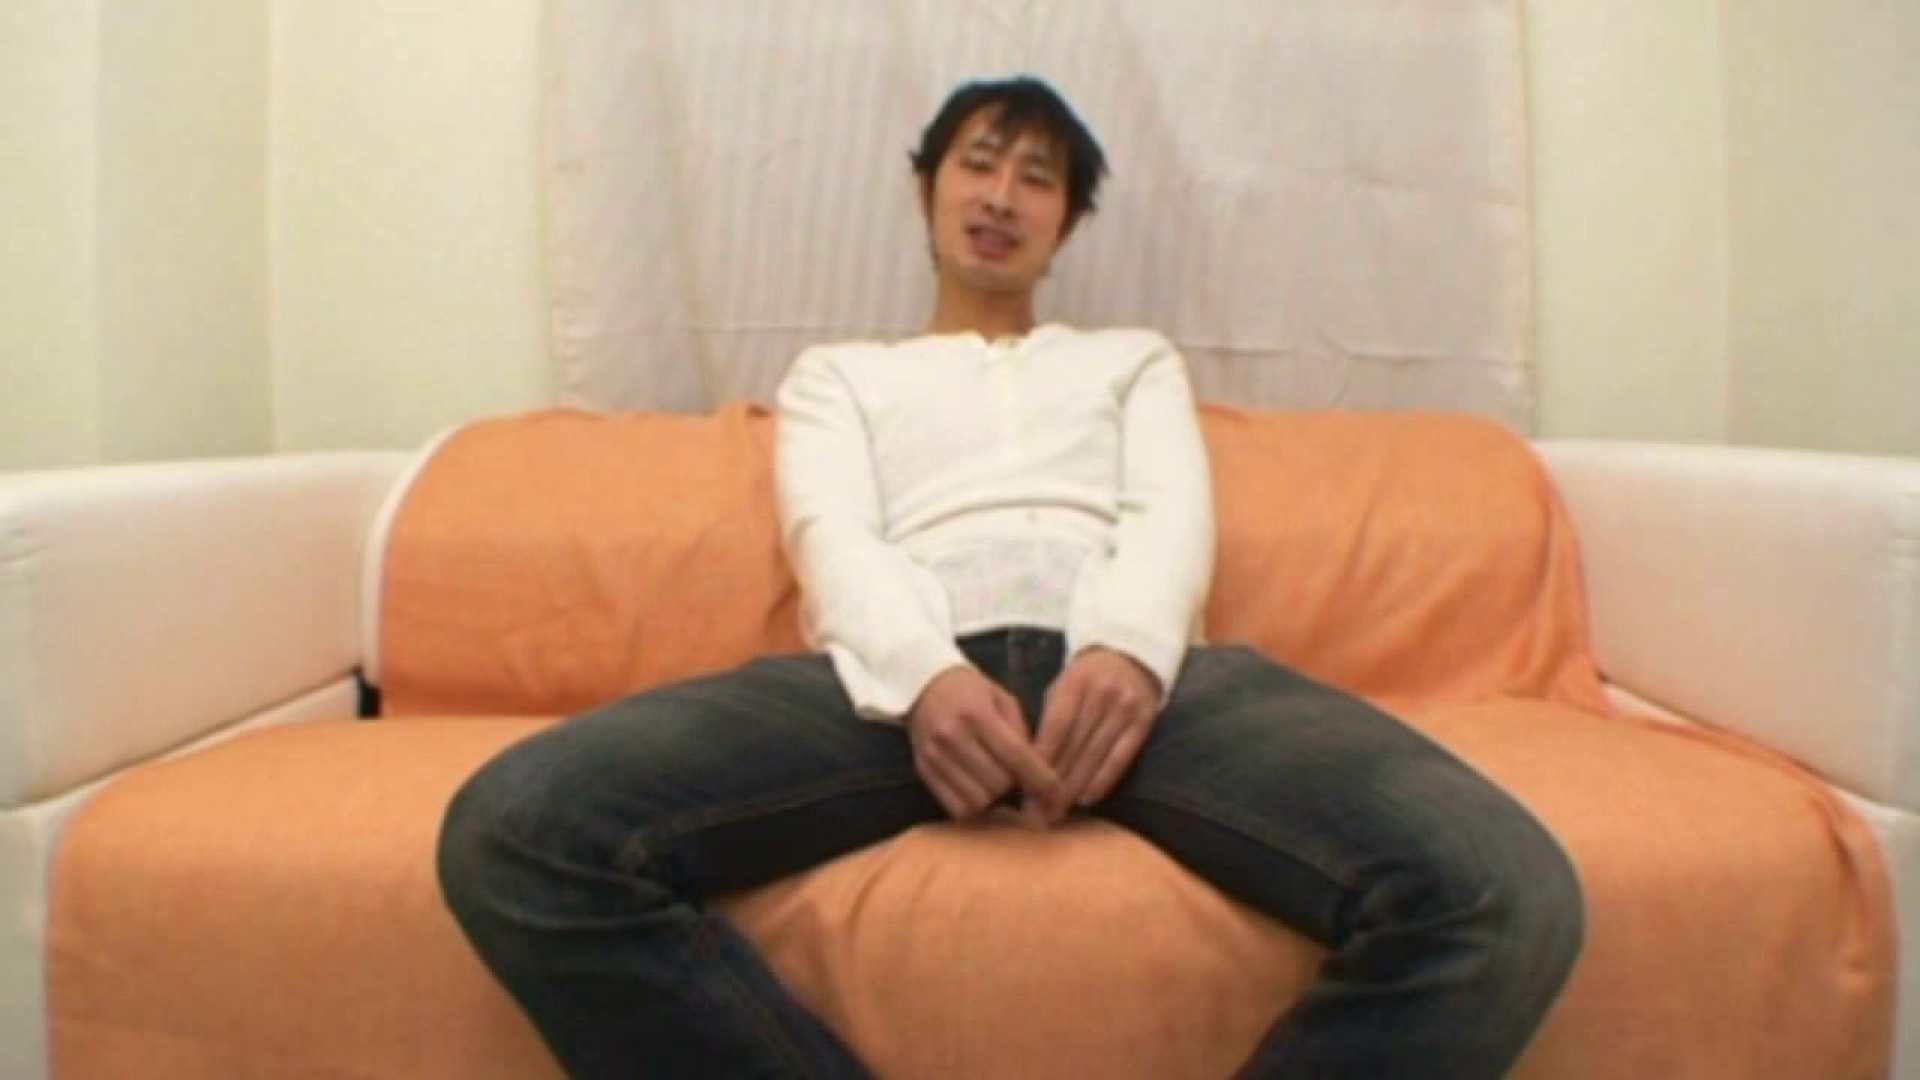 イケメンズエステティック倶楽部Case.02 イケメン ケツマンスケベ画像 99枚 60